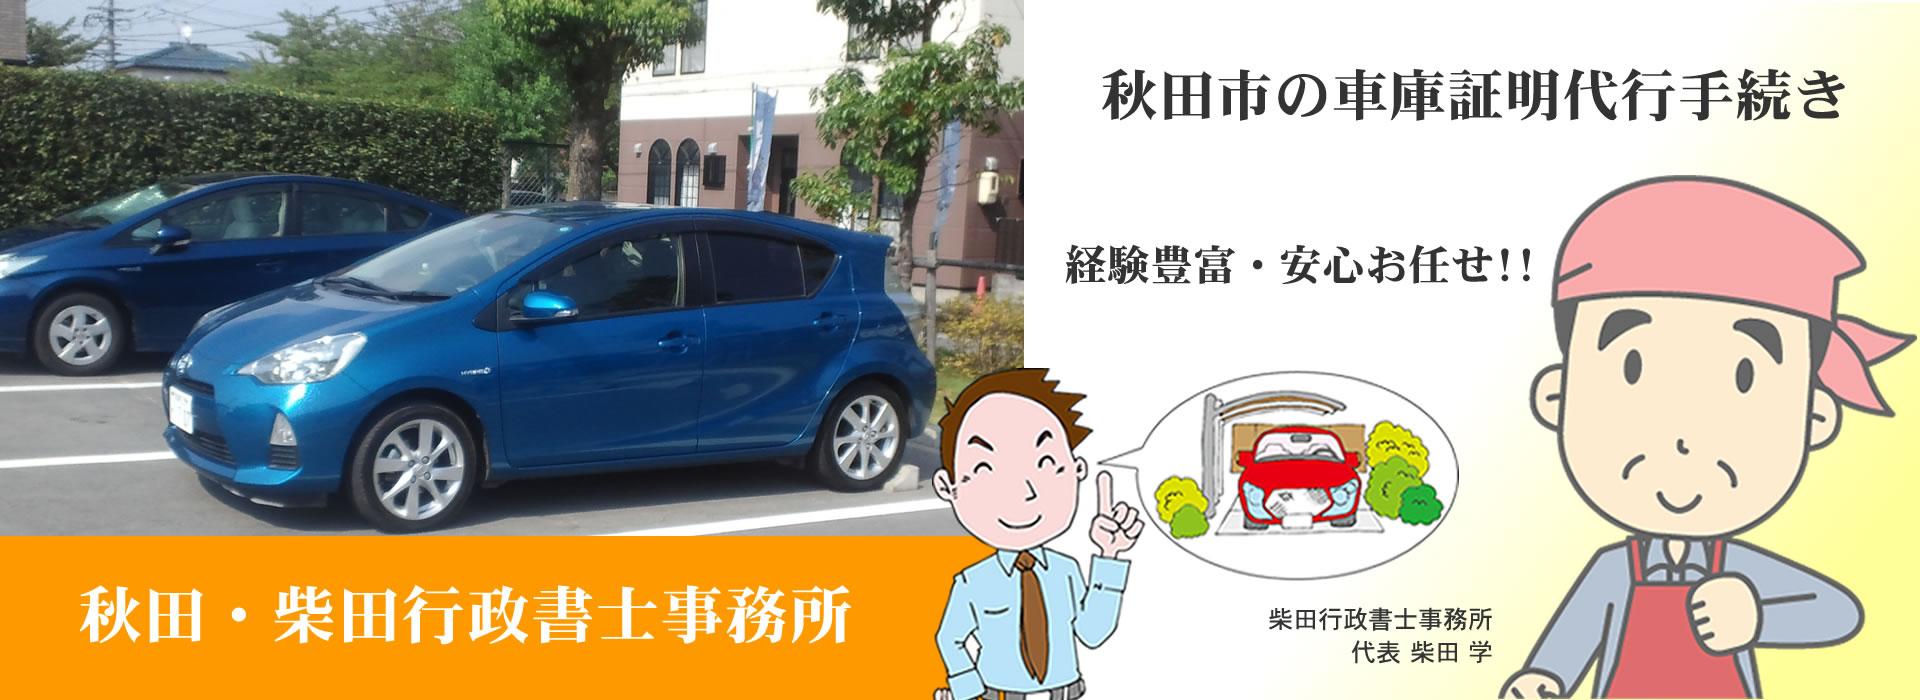 秋田市の車庫証明手続きは、今すぐ柴田行政書士事務所へ